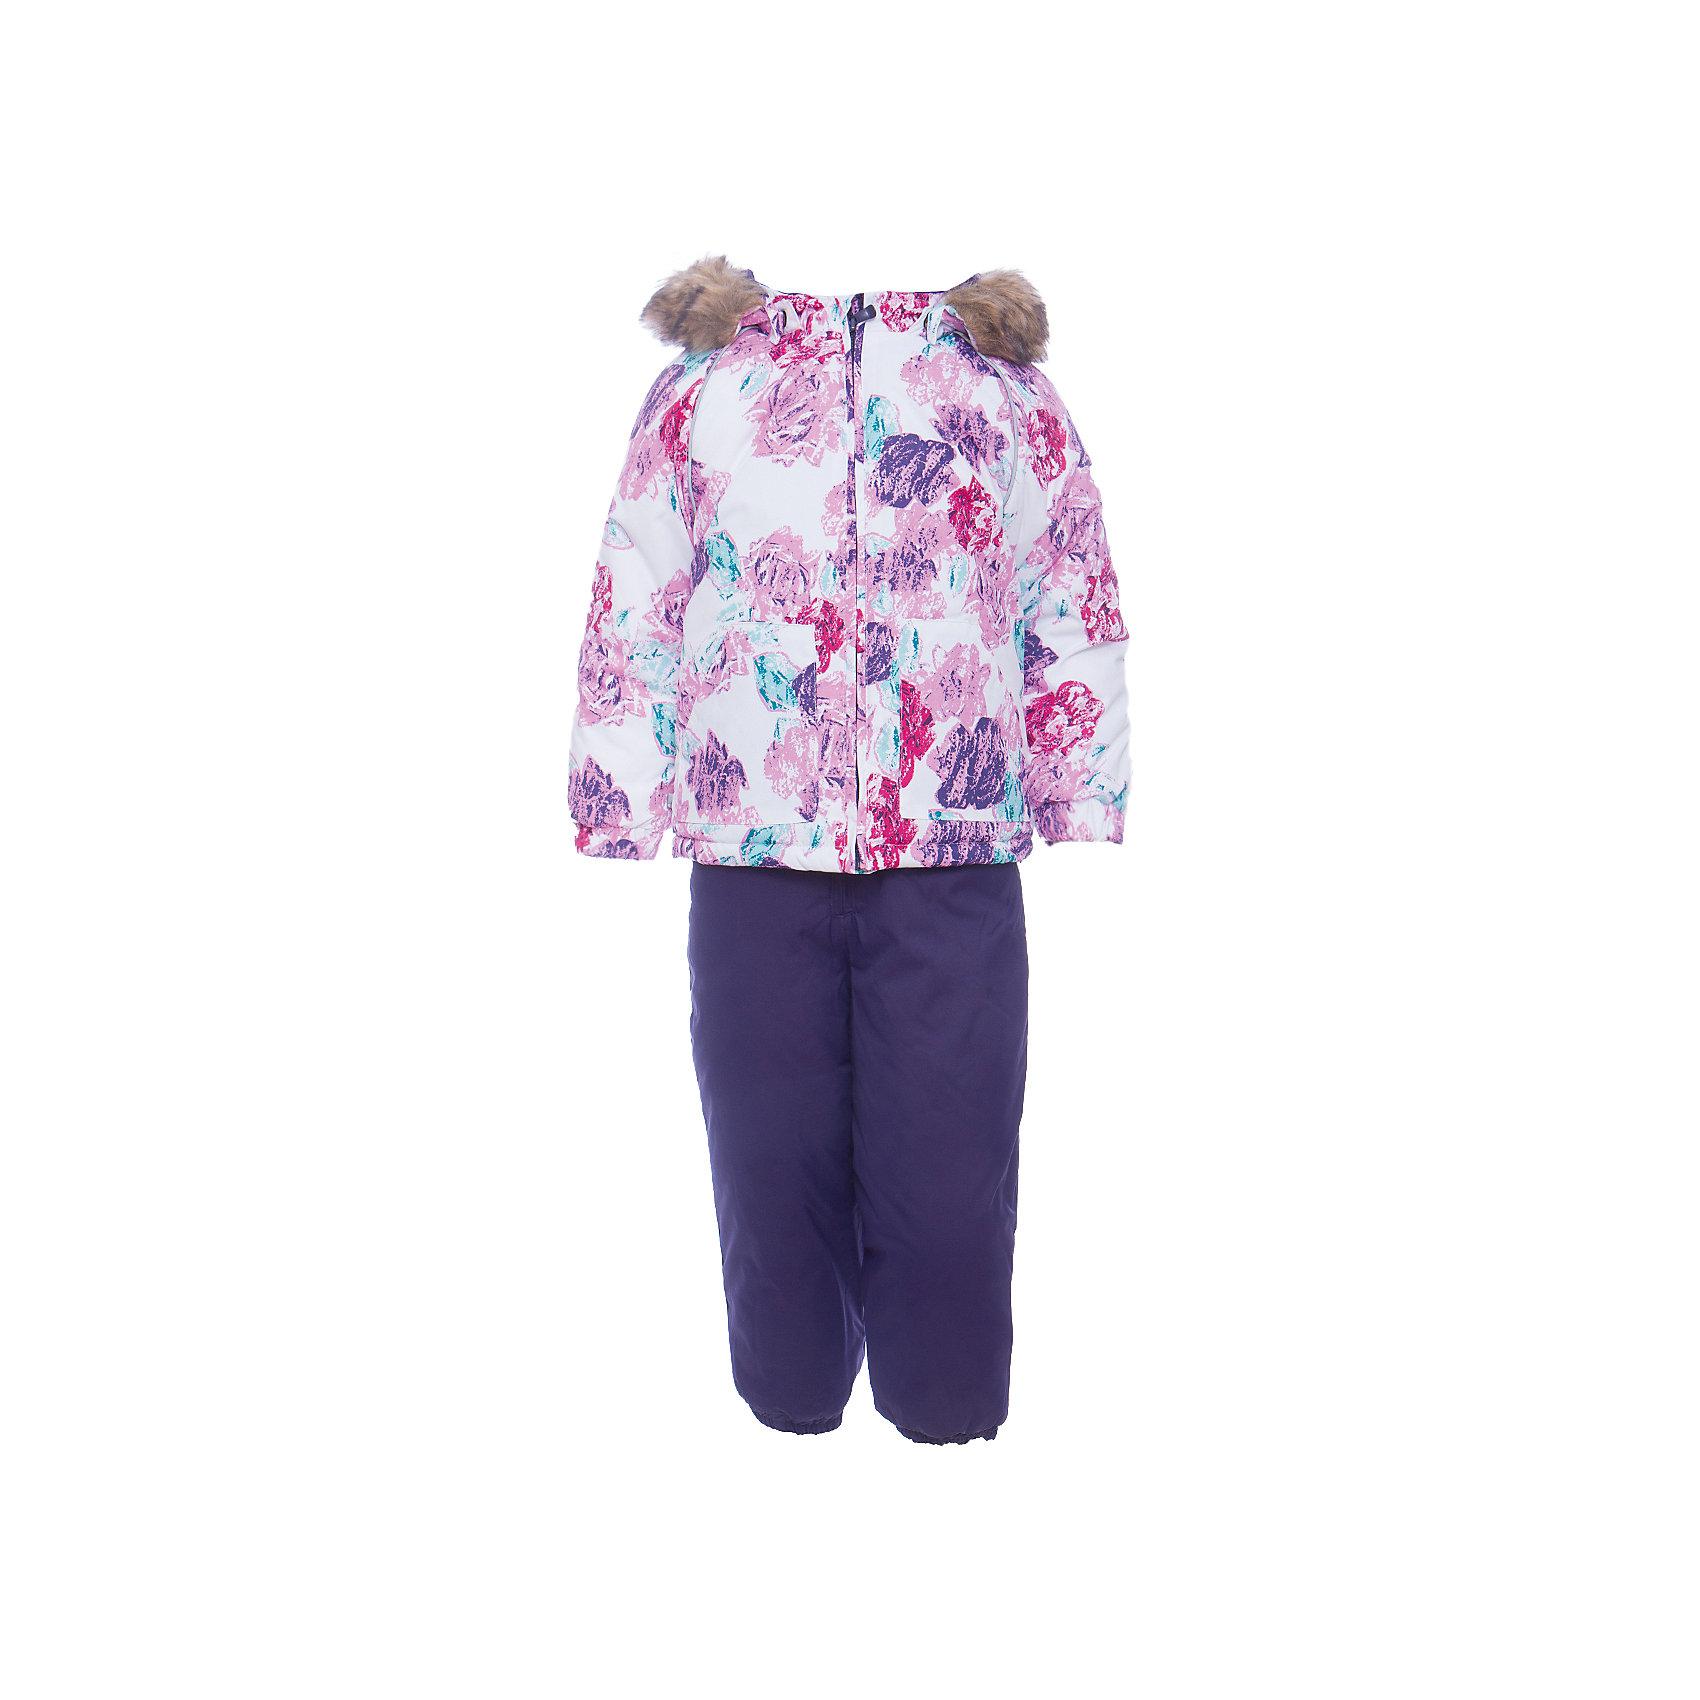 Комплект: куртка и брюки AVERY HuppaКомплекты<br>Характеристика товара:<br><br>• цвет: белый фиолетовый<br>• температурный режим: от -0 до-30;<br>• утеплитель: куртка:300 грамм, брюки:160 грамм(100% полиэстер);<br>• подкладка: 100% хлопок;<br>• воздухопроницаемость: 5 000 мм куртка / 10 000 мм брюки;<br>• водонепроницаемость:  5 000 мм куртка / 10 000 мм брюки;<br>• застежка: молния;<br>• меховая опушка из искуственного меха;<br>• шаговый шов – проклеен;<br>• капюшон съемный;<br>• подтяжки на полукомбинезоне – резинки;<br>• светоотражающие детали;<br>• производитель: HUPPA (Эстония)<br><br>Красивый зимний комплект AVERY для детей младшего возраста. Легкая, но очень теплая куртка из мягкой мембранной ткани не содержит лишних деталей. В модели 300 грамм утеплителя, а значит, вы можете быть уверены, что ваш малыш не замерзнет на прогулке в морозную погоду, даже если будет двигаться не слишком активно. Комплект для малышей AVERY благодаря простым манжетам на резинке и удобной молнии легко надевать и застегивать. Капюшон с меховой опушкой сделан в форме забавного колпачка и при желании отстегивается. <br><br>Практичный однотонный полукомбинезон темного цвета выполнен из более прочной мембраны и скроен без внутренних швов, для лучшей защиты от истирания и попадания влаги. Задний шов проклеен, также для дополнительной защиты от влаги. Манжеты по низу брюк и тканевые штрипки на ботинки надежно фиксируют брюки и защищают от попадания снега. На костюмах AVERY светоотражающие элементы делают вашего ребенка более заметным на улице, даже в условиях плохой видимости и в темное время суток.<br><br>Комплект для малышей AVERY можно купить в нашем интернет-магазине.<br><br>Ширина мм: 356<br>Глубина мм: 10<br>Высота мм: 245<br>Вес г: 519<br>Цвет: белый<br>Возраст от месяцев: 12<br>Возраст до месяцев: 15<br>Пол: Унисекс<br>Возраст: Детский<br>Размер: 80,104,98,92,86<br>SKU: 7026952